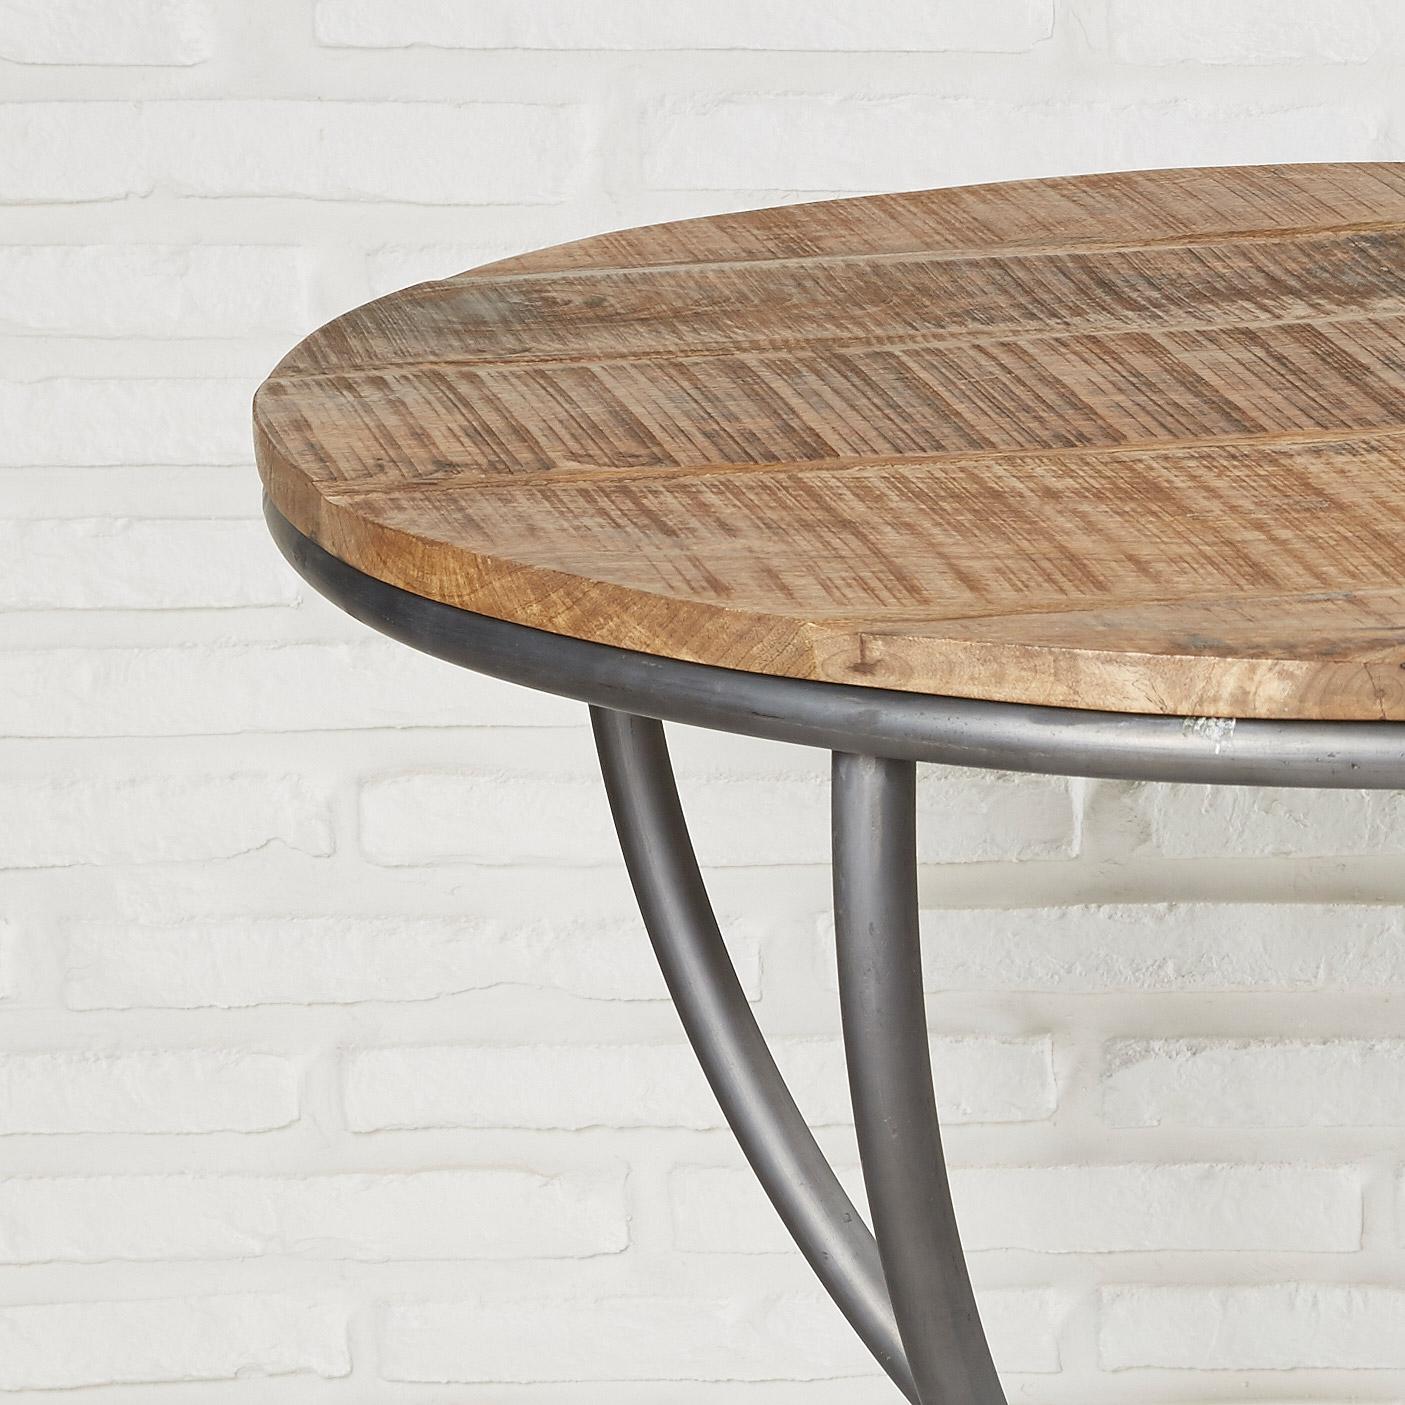 Esszimmertisch Rund 78 Cm Holz Metall Esstisch Runder